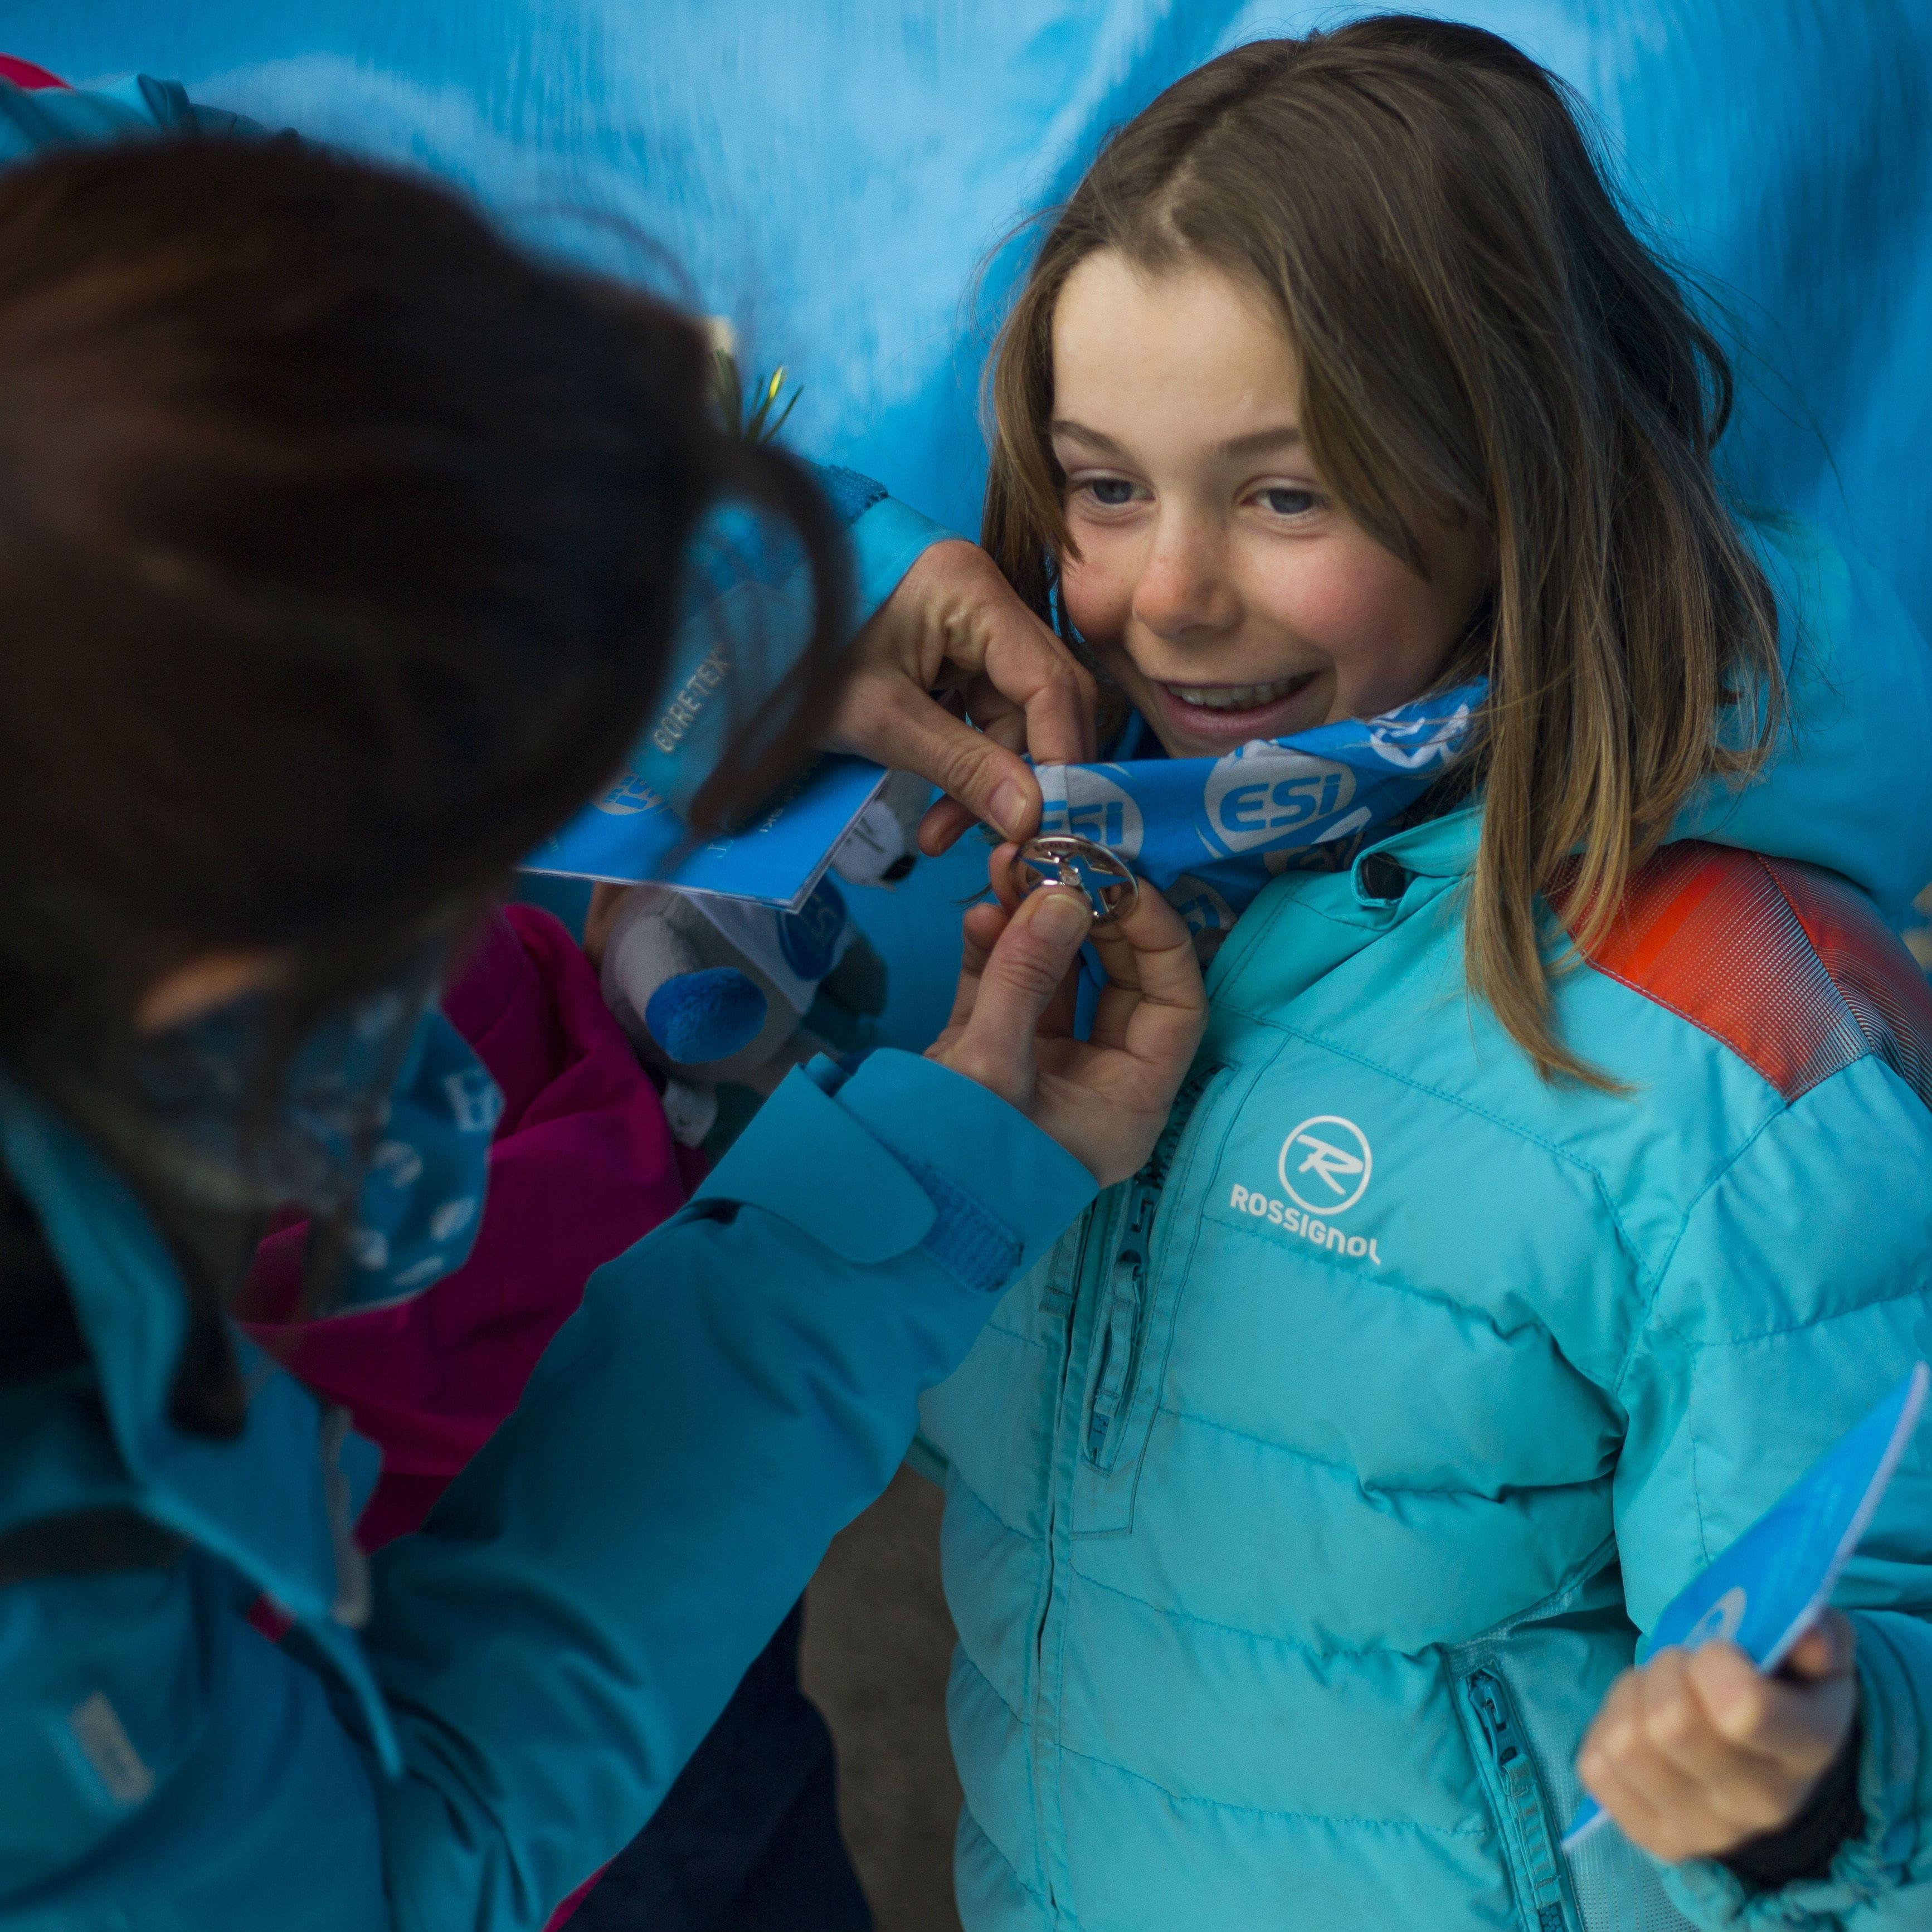 Cours de ski pour Enfants (4-6 ans) - Basse saison